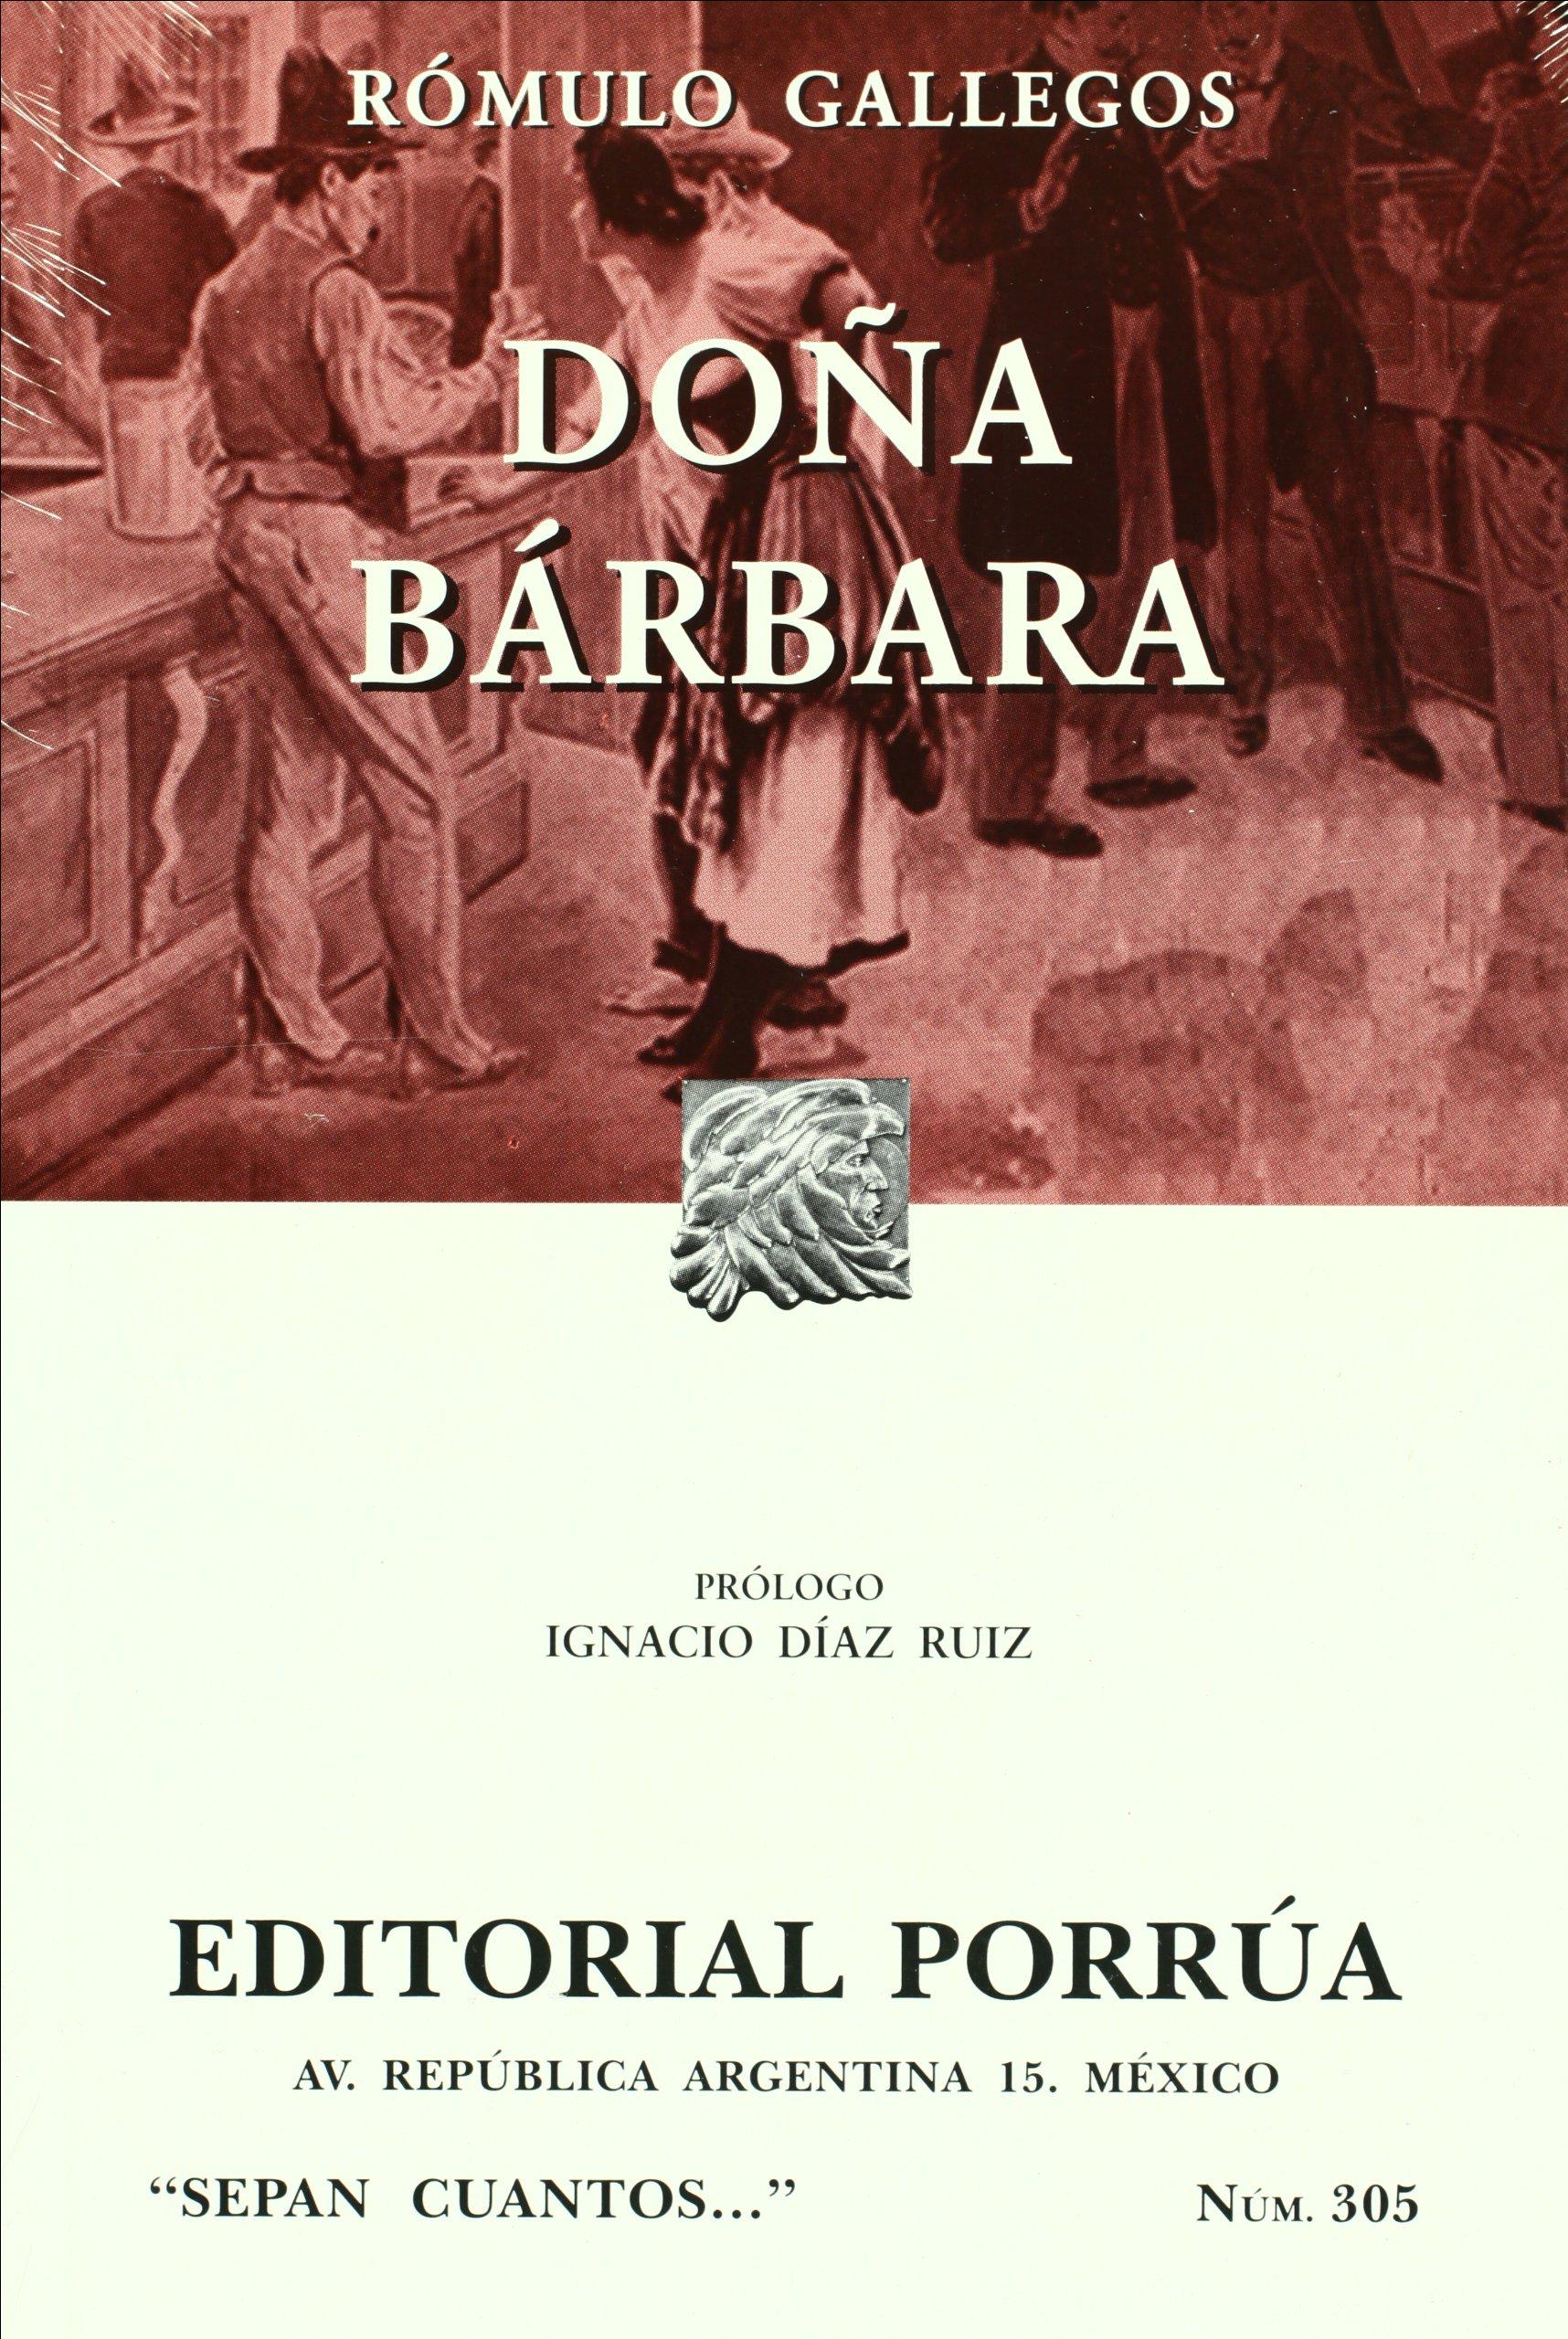 musica da novela dona barbara mp3